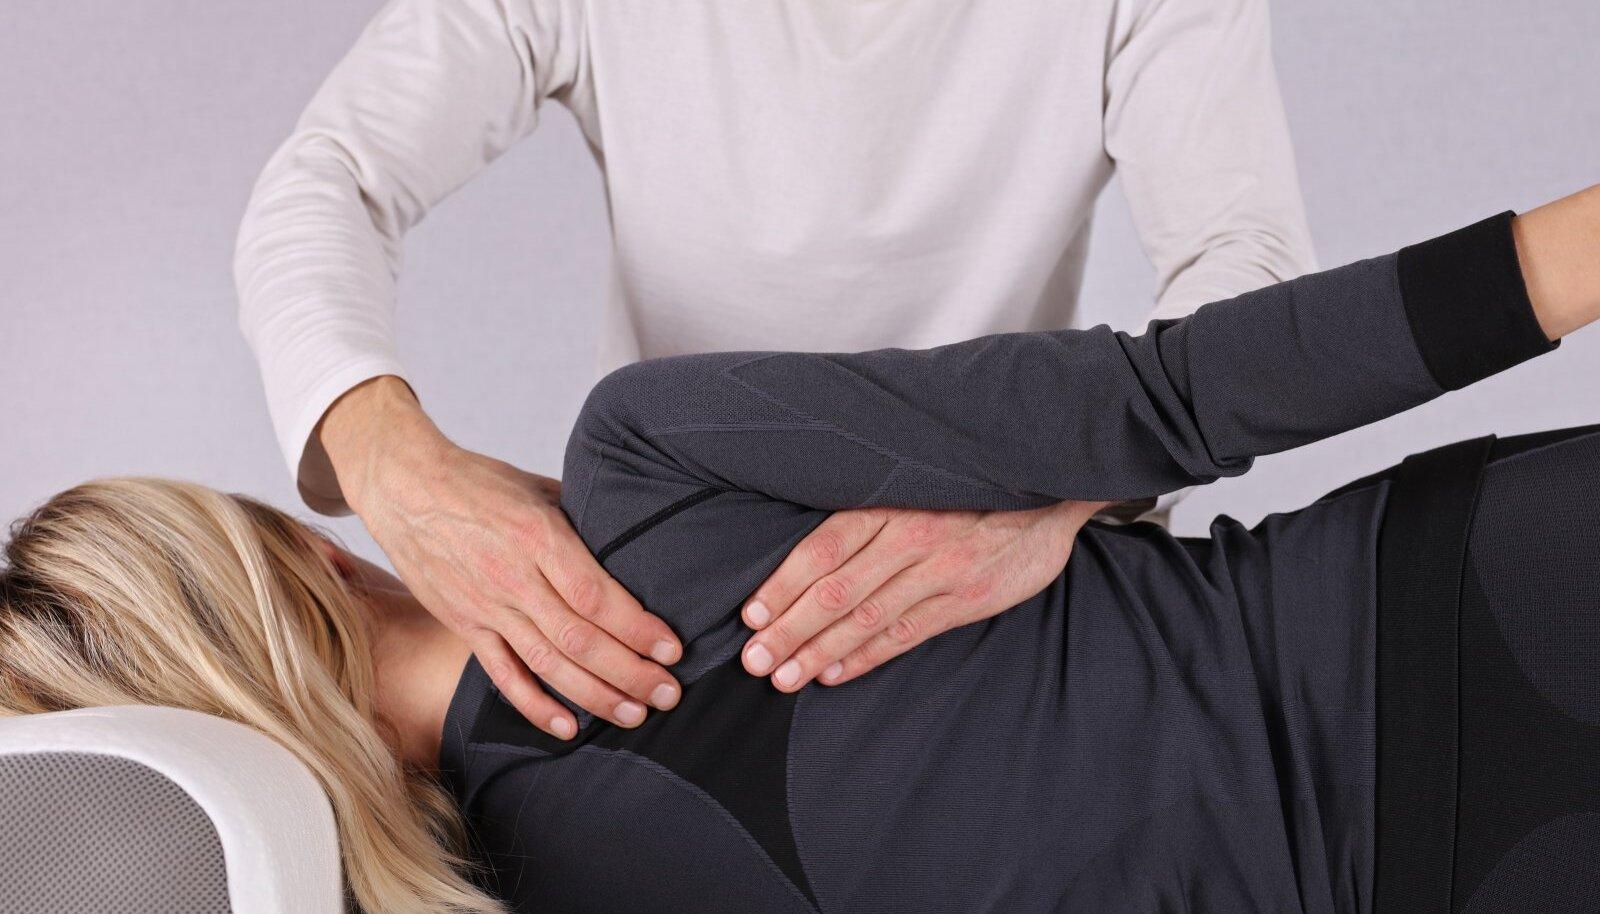 Kiropraktik on keskendunud lülisamba ja jäseme probleemidele, pingetele liigestes ning nende korrigeerimisele.